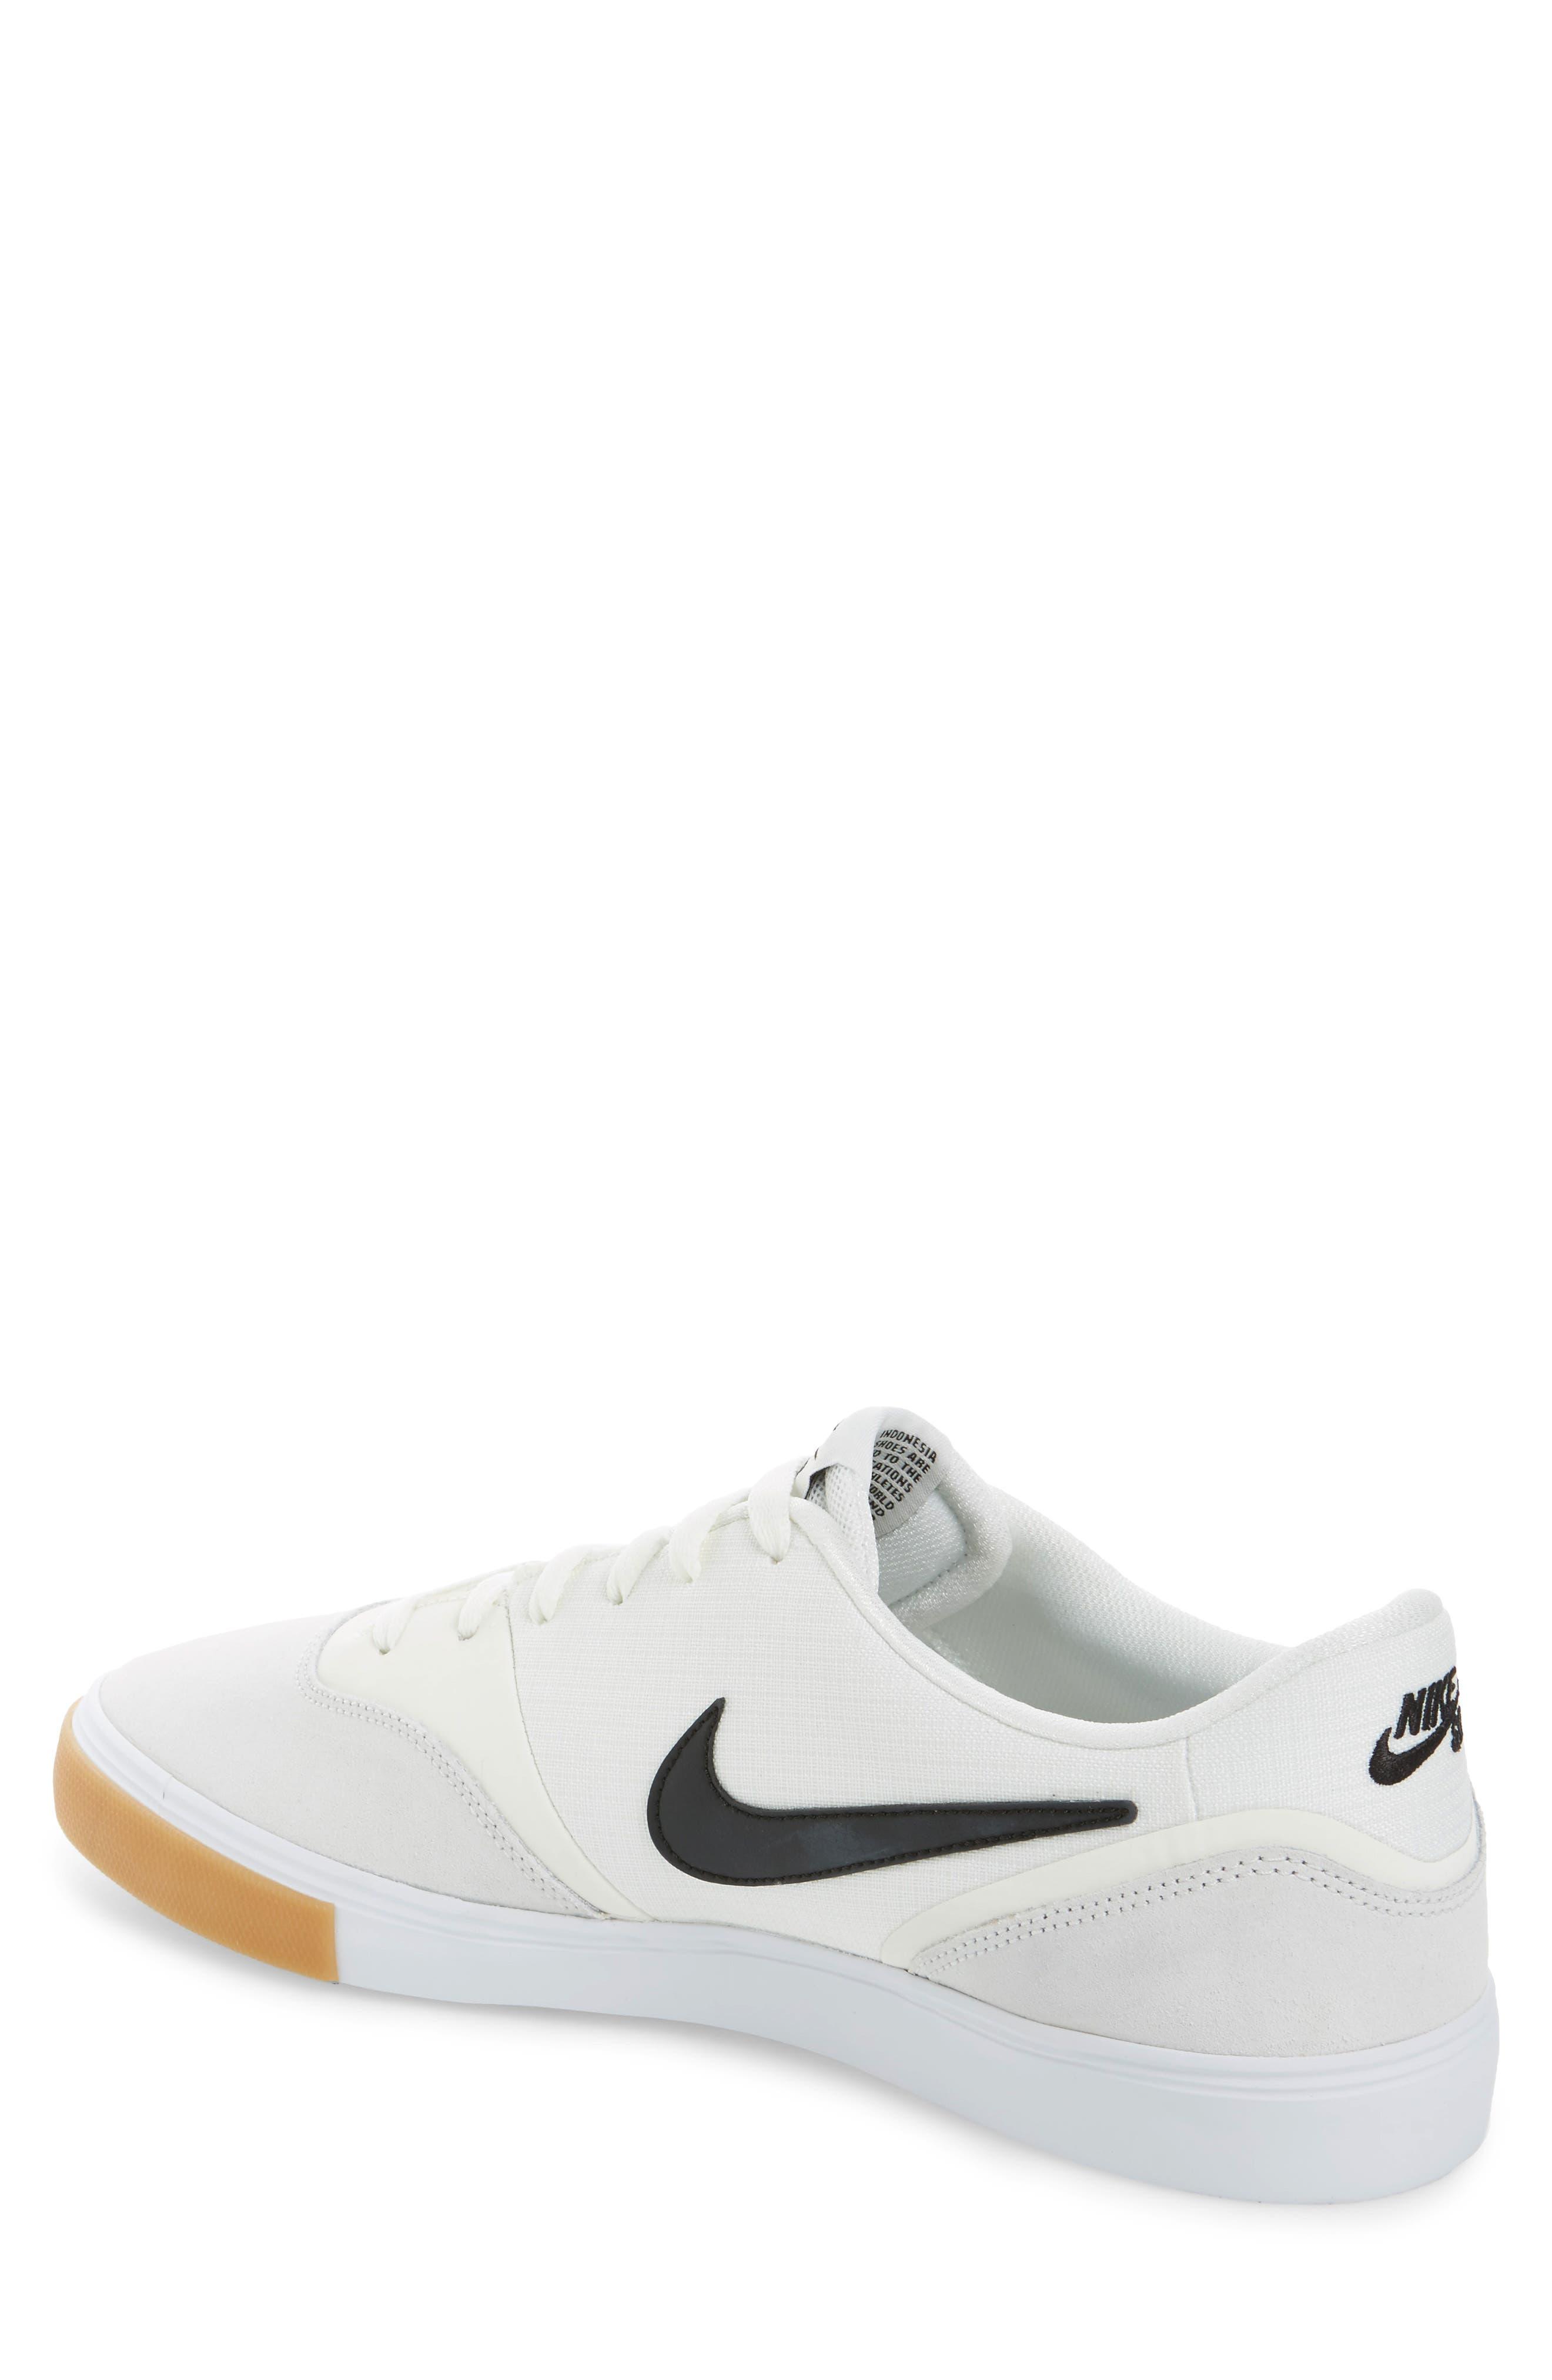 SB Paul Rodriguez 9 VR Skateboarding Sneaker,                             Alternate thumbnail 2, color,                             White/ Black/ Black